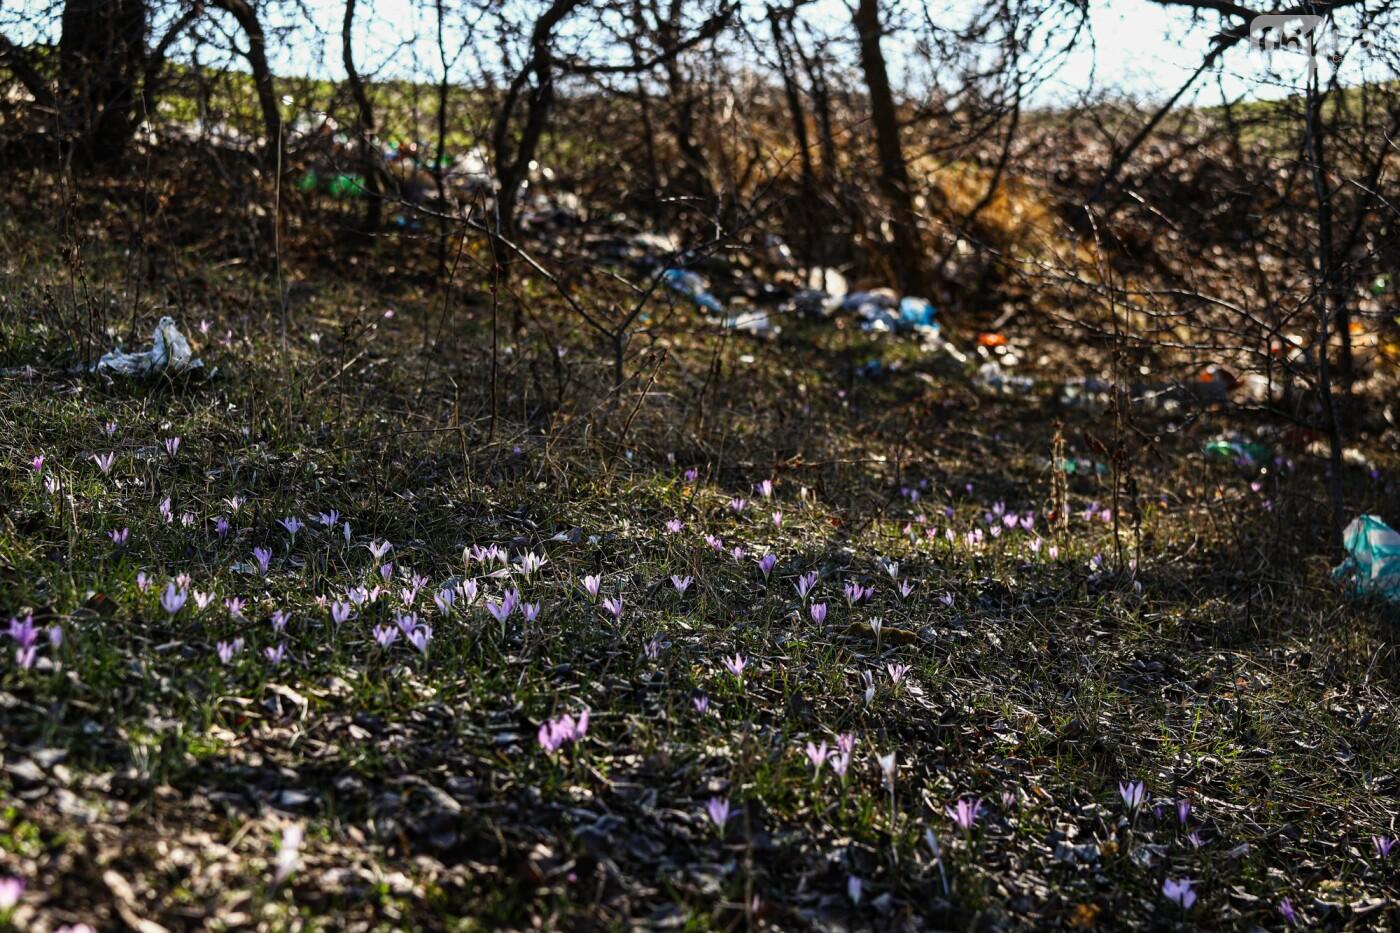 Цветущие крокусы и горы мусора: как сейчас выглядит балка Партизанская в Запорожье, - ФОТО, фото-16